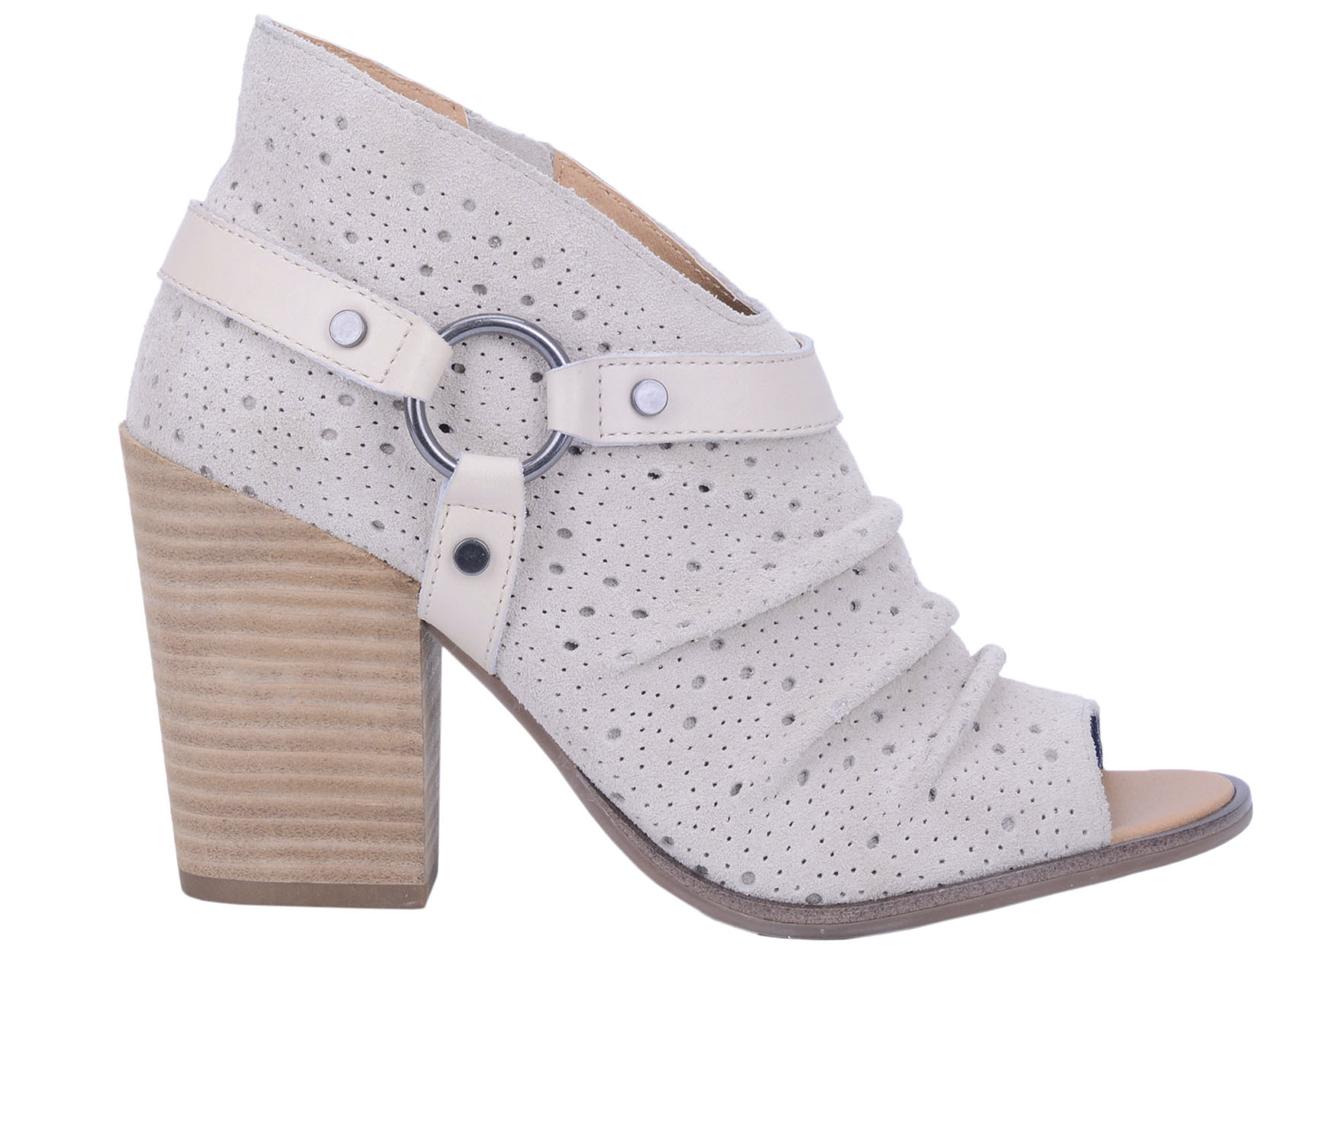 Dingo Boots Spurs Women's Dress Shoe (White - Leather)